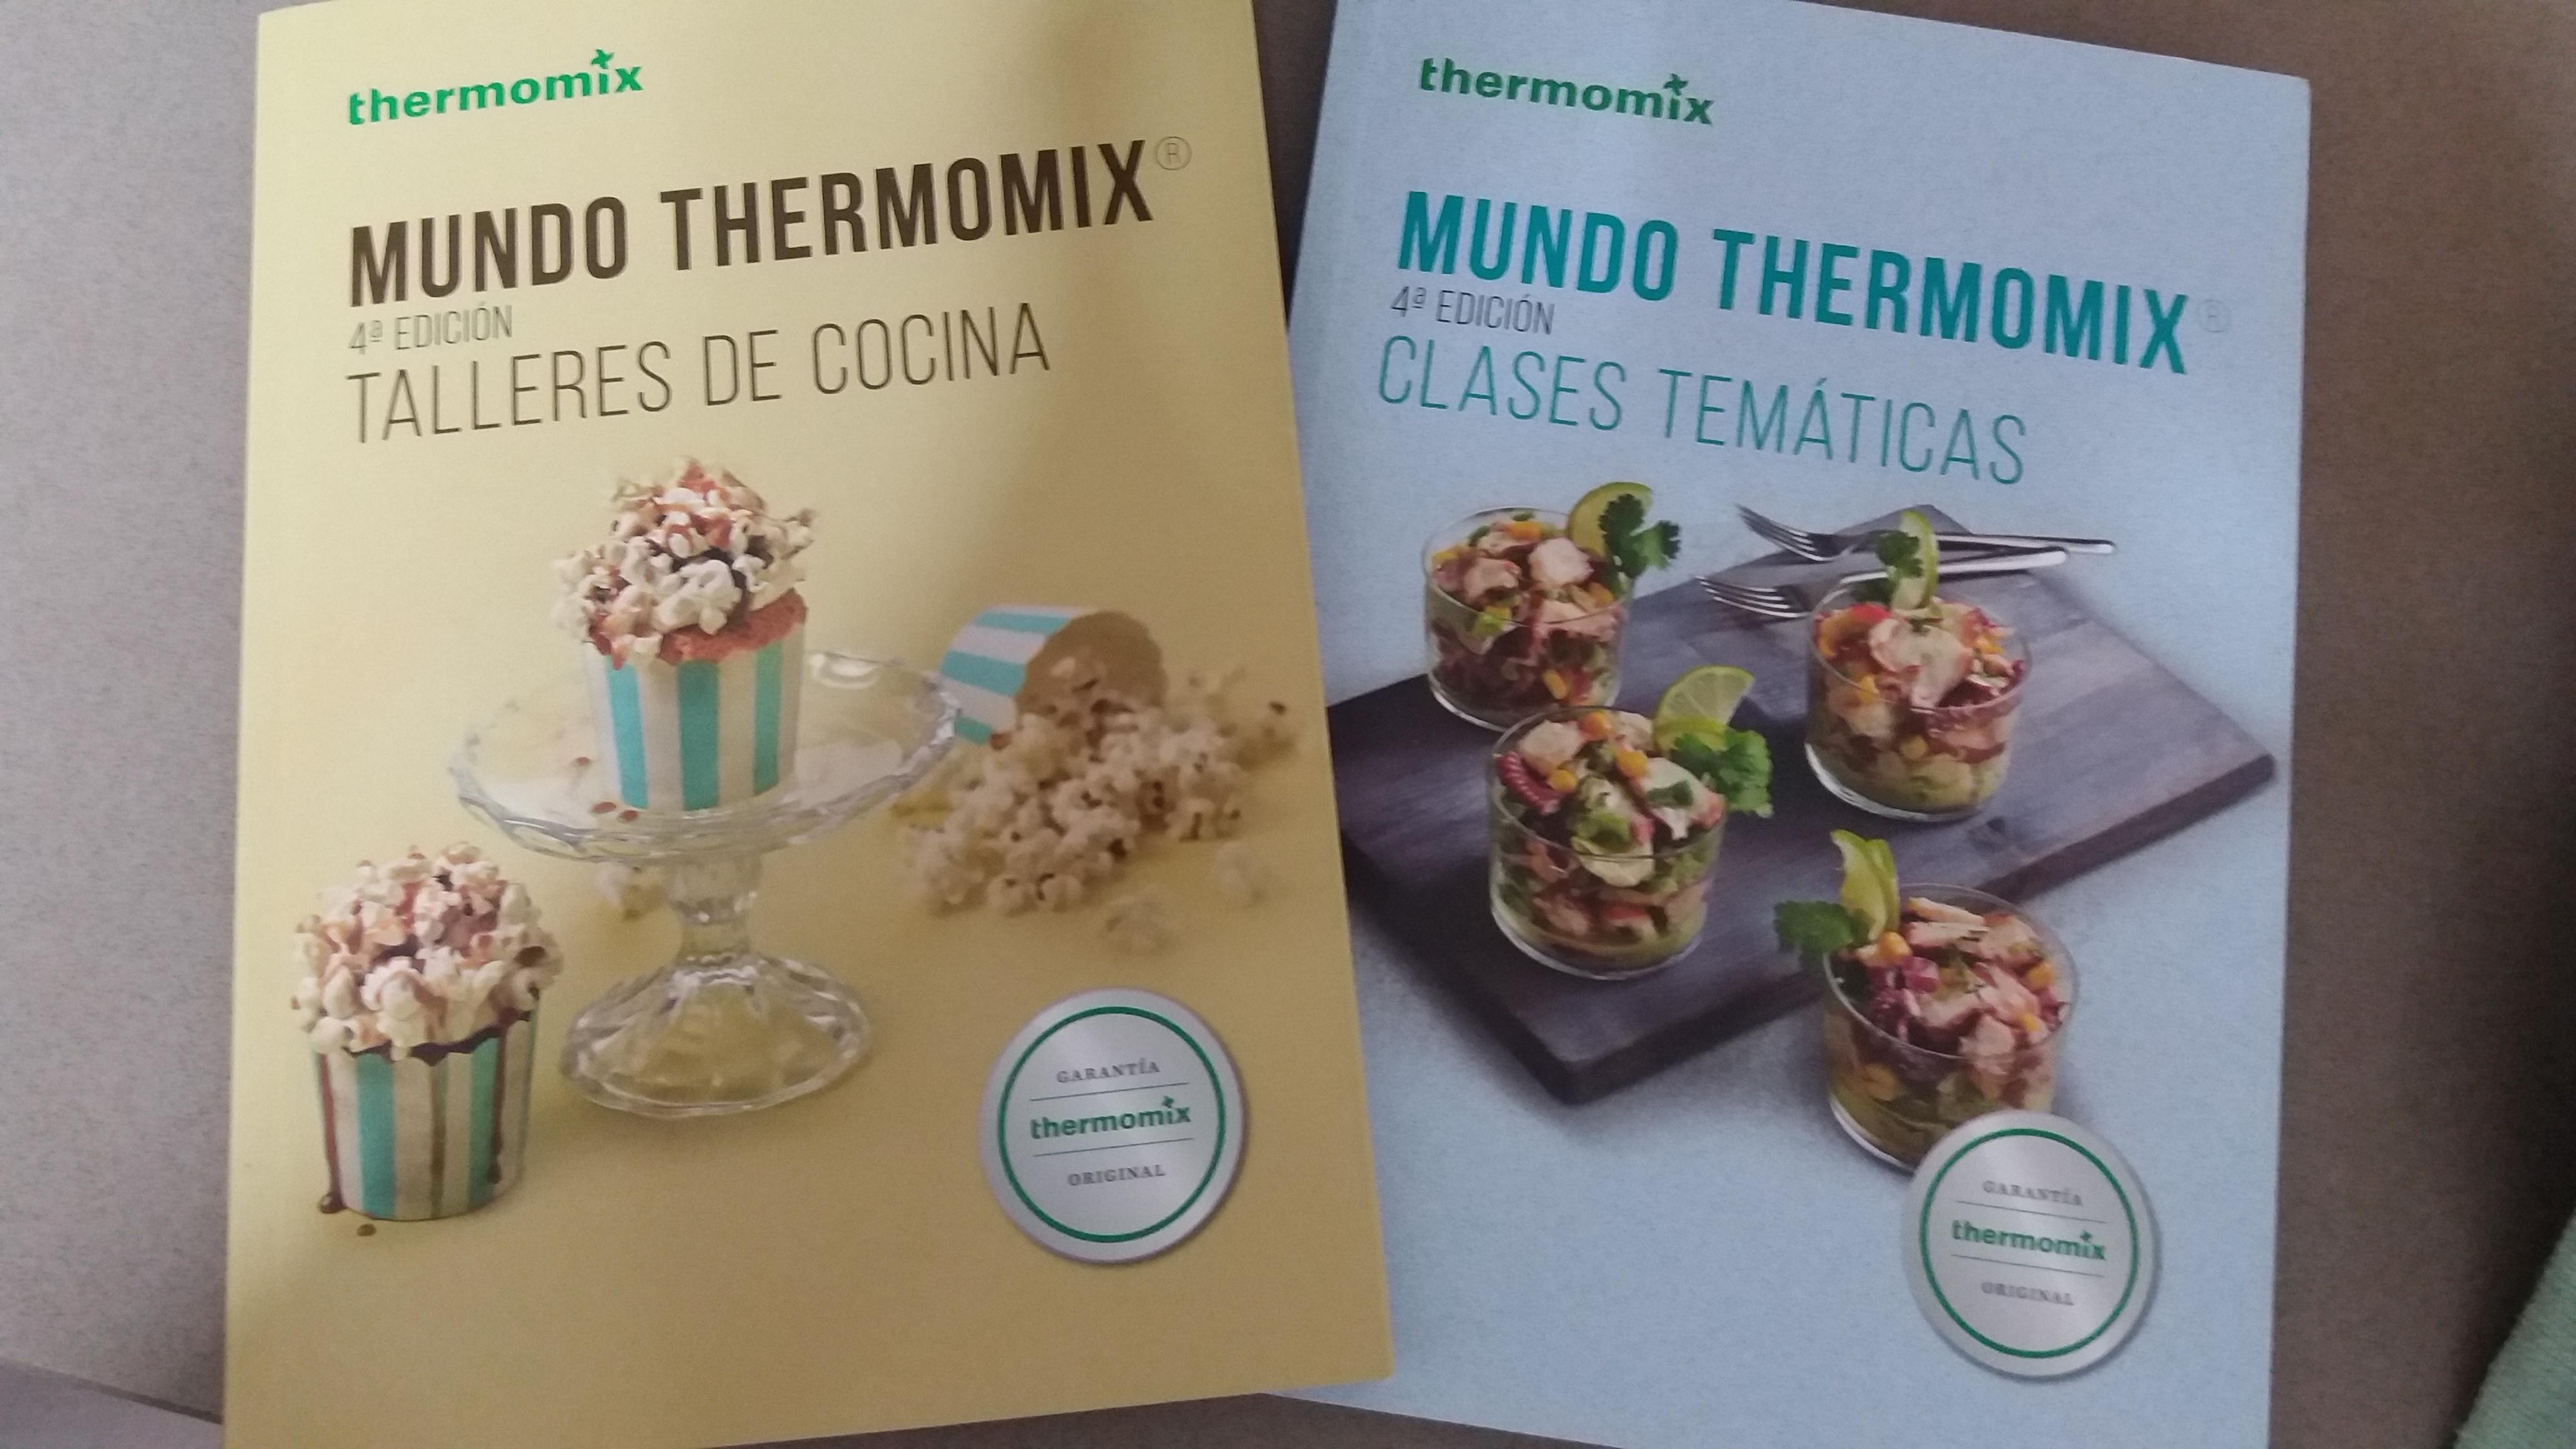 Blogs De Cocina Con Thermomix | Mundo Thermomix En Tu Delegacion Noticias Blog Blog De M Carmen